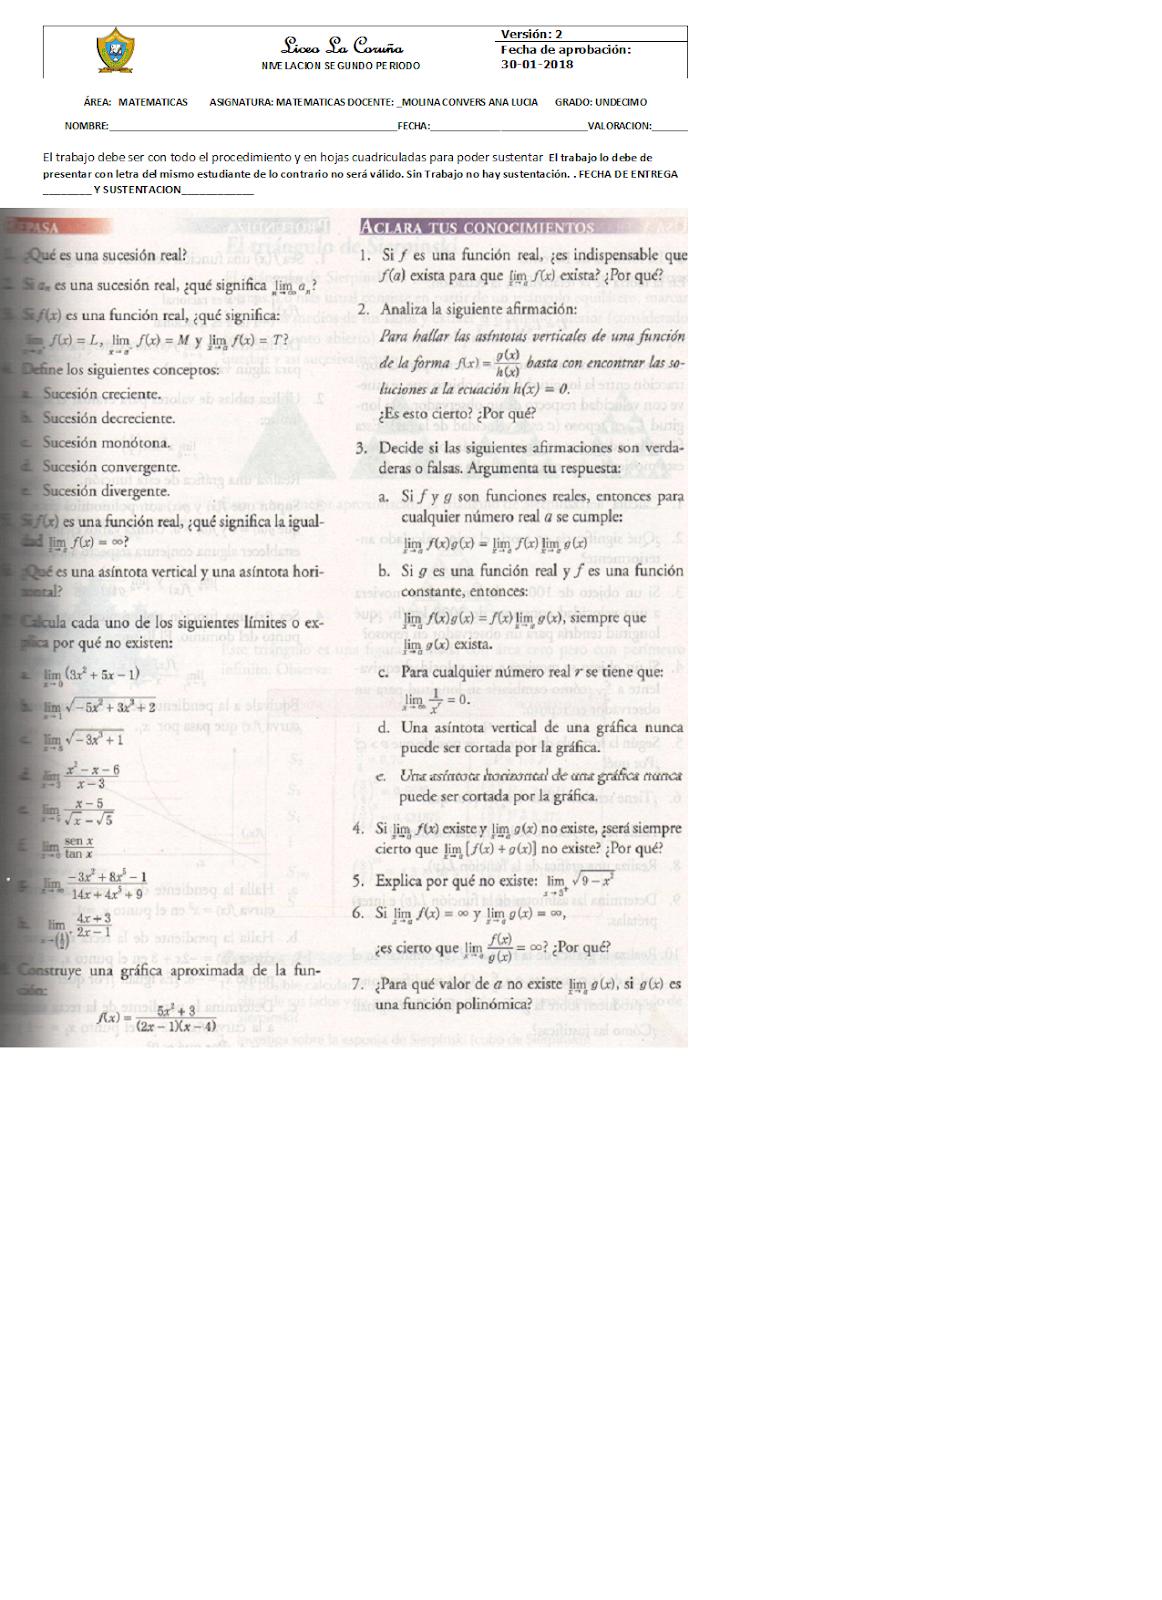 Lujoso Hojas De Trabajo De Matemáticas Del Grado 11 Ideas - hojas ...